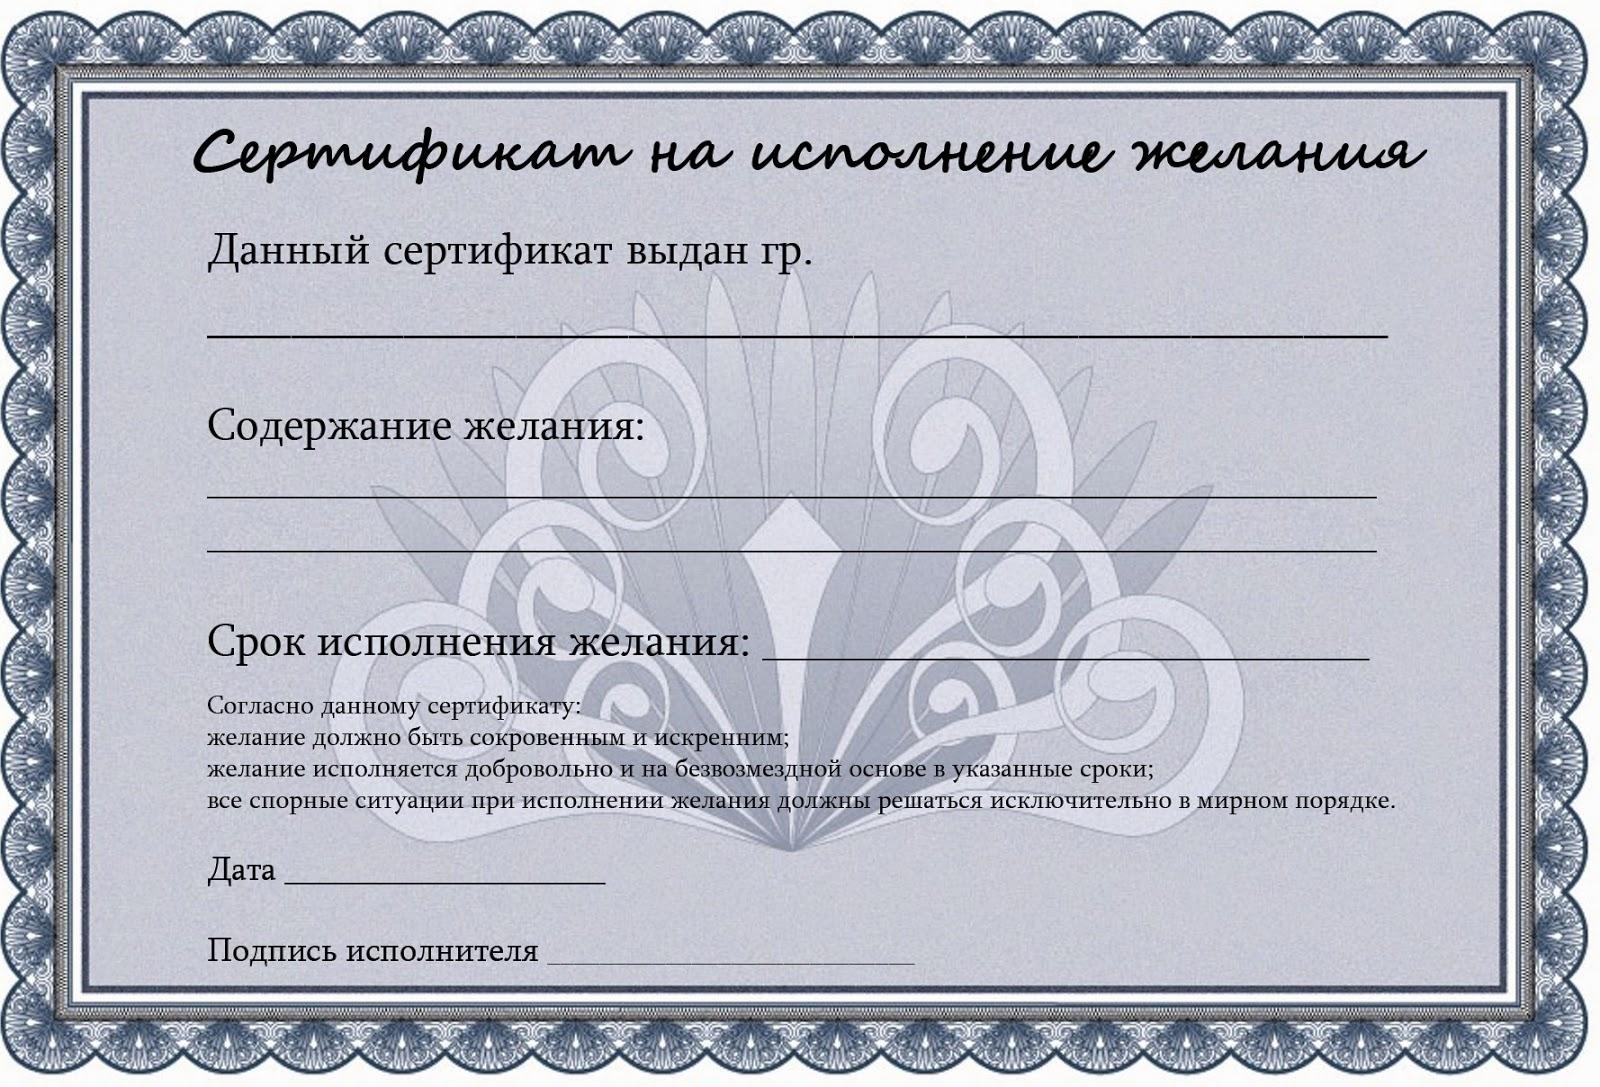 Желания в сертификате своими